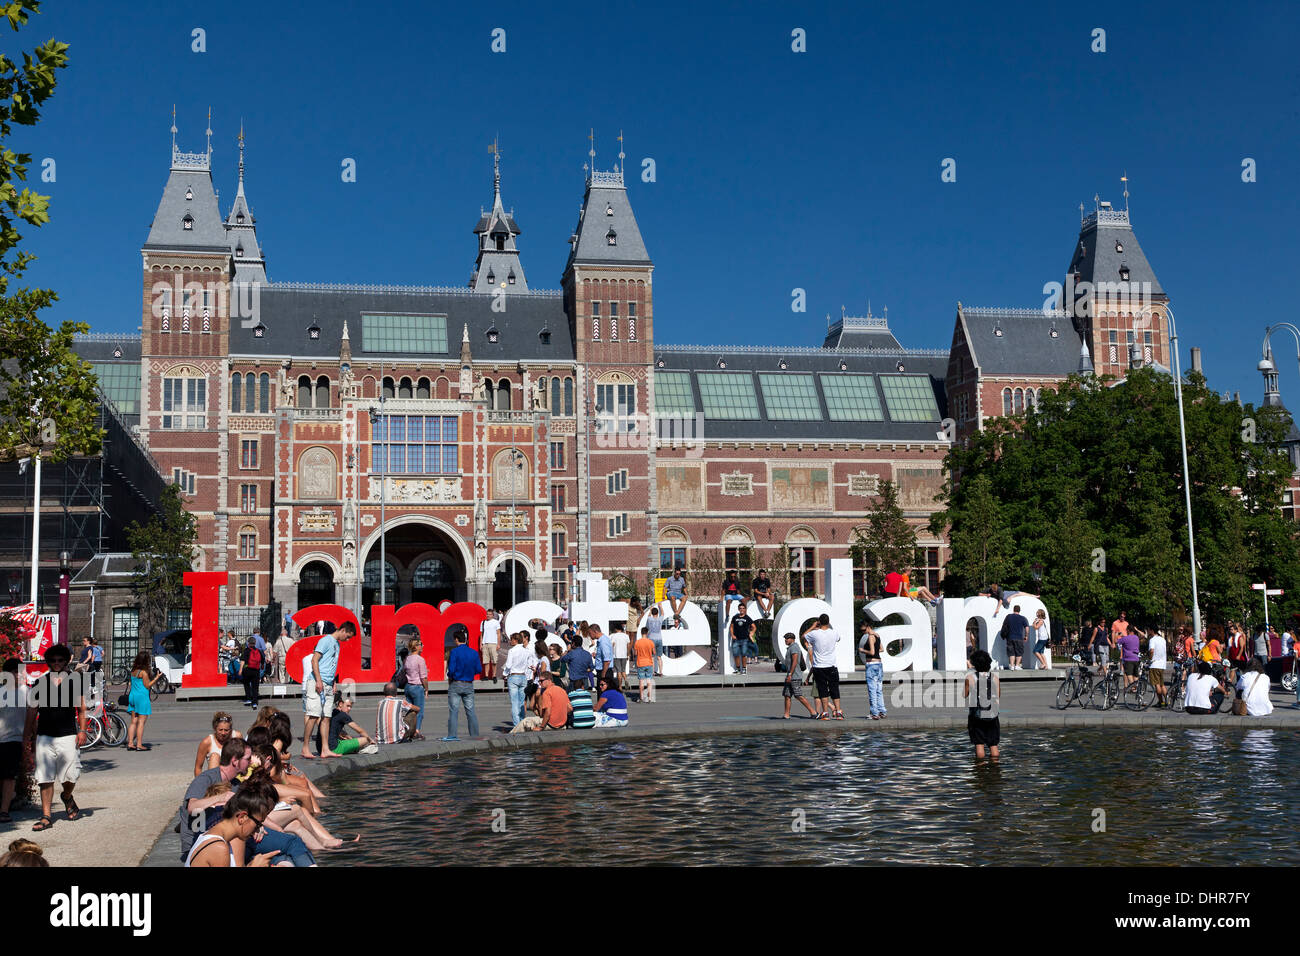 Rijksmuseum de Amsterdam en Amsterdam, Países Bajos Imagen De Stock